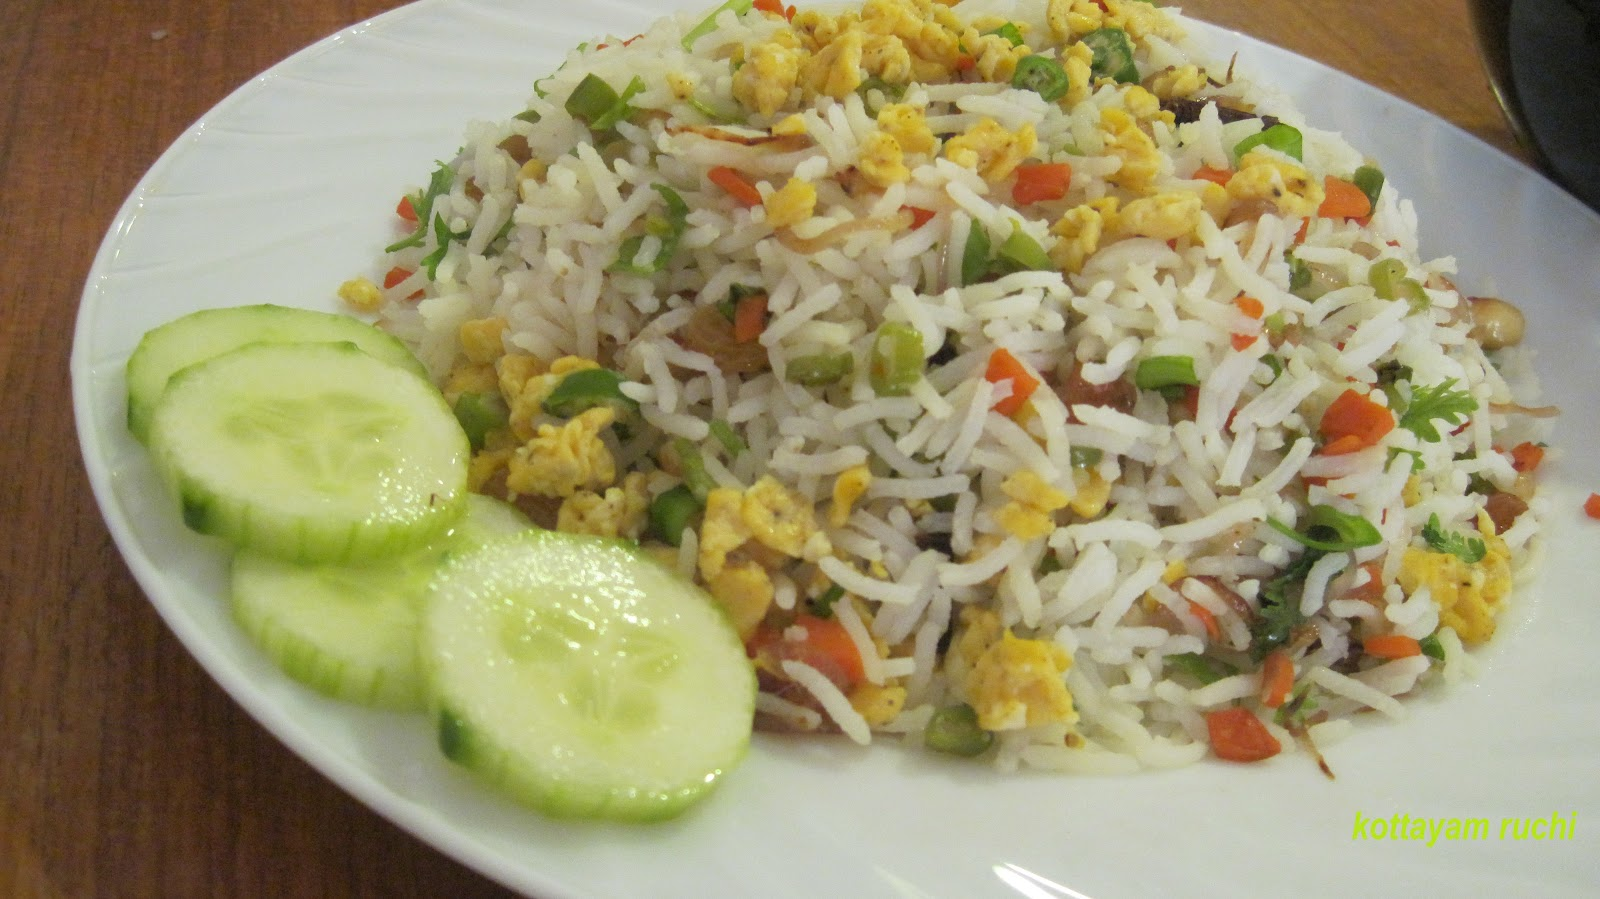 Kottayam ruchi egg fried rice kerala style egg fried rice kerala style ccuart Image collections